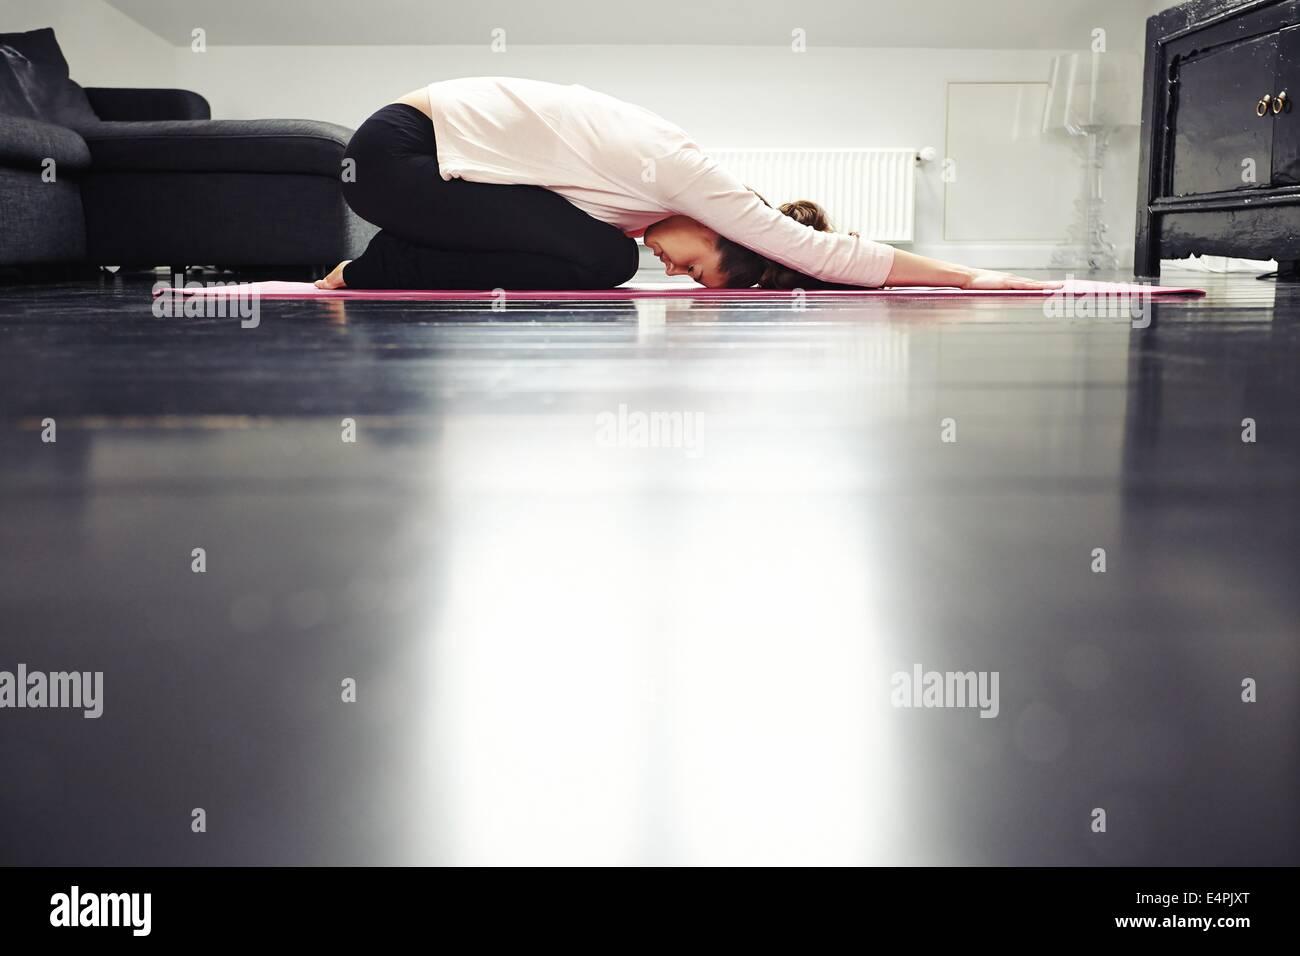 Vue de côté de l'ajustement jeune femme pratiquant le yoga à la maison. Femme en bonne santé Photo Stock